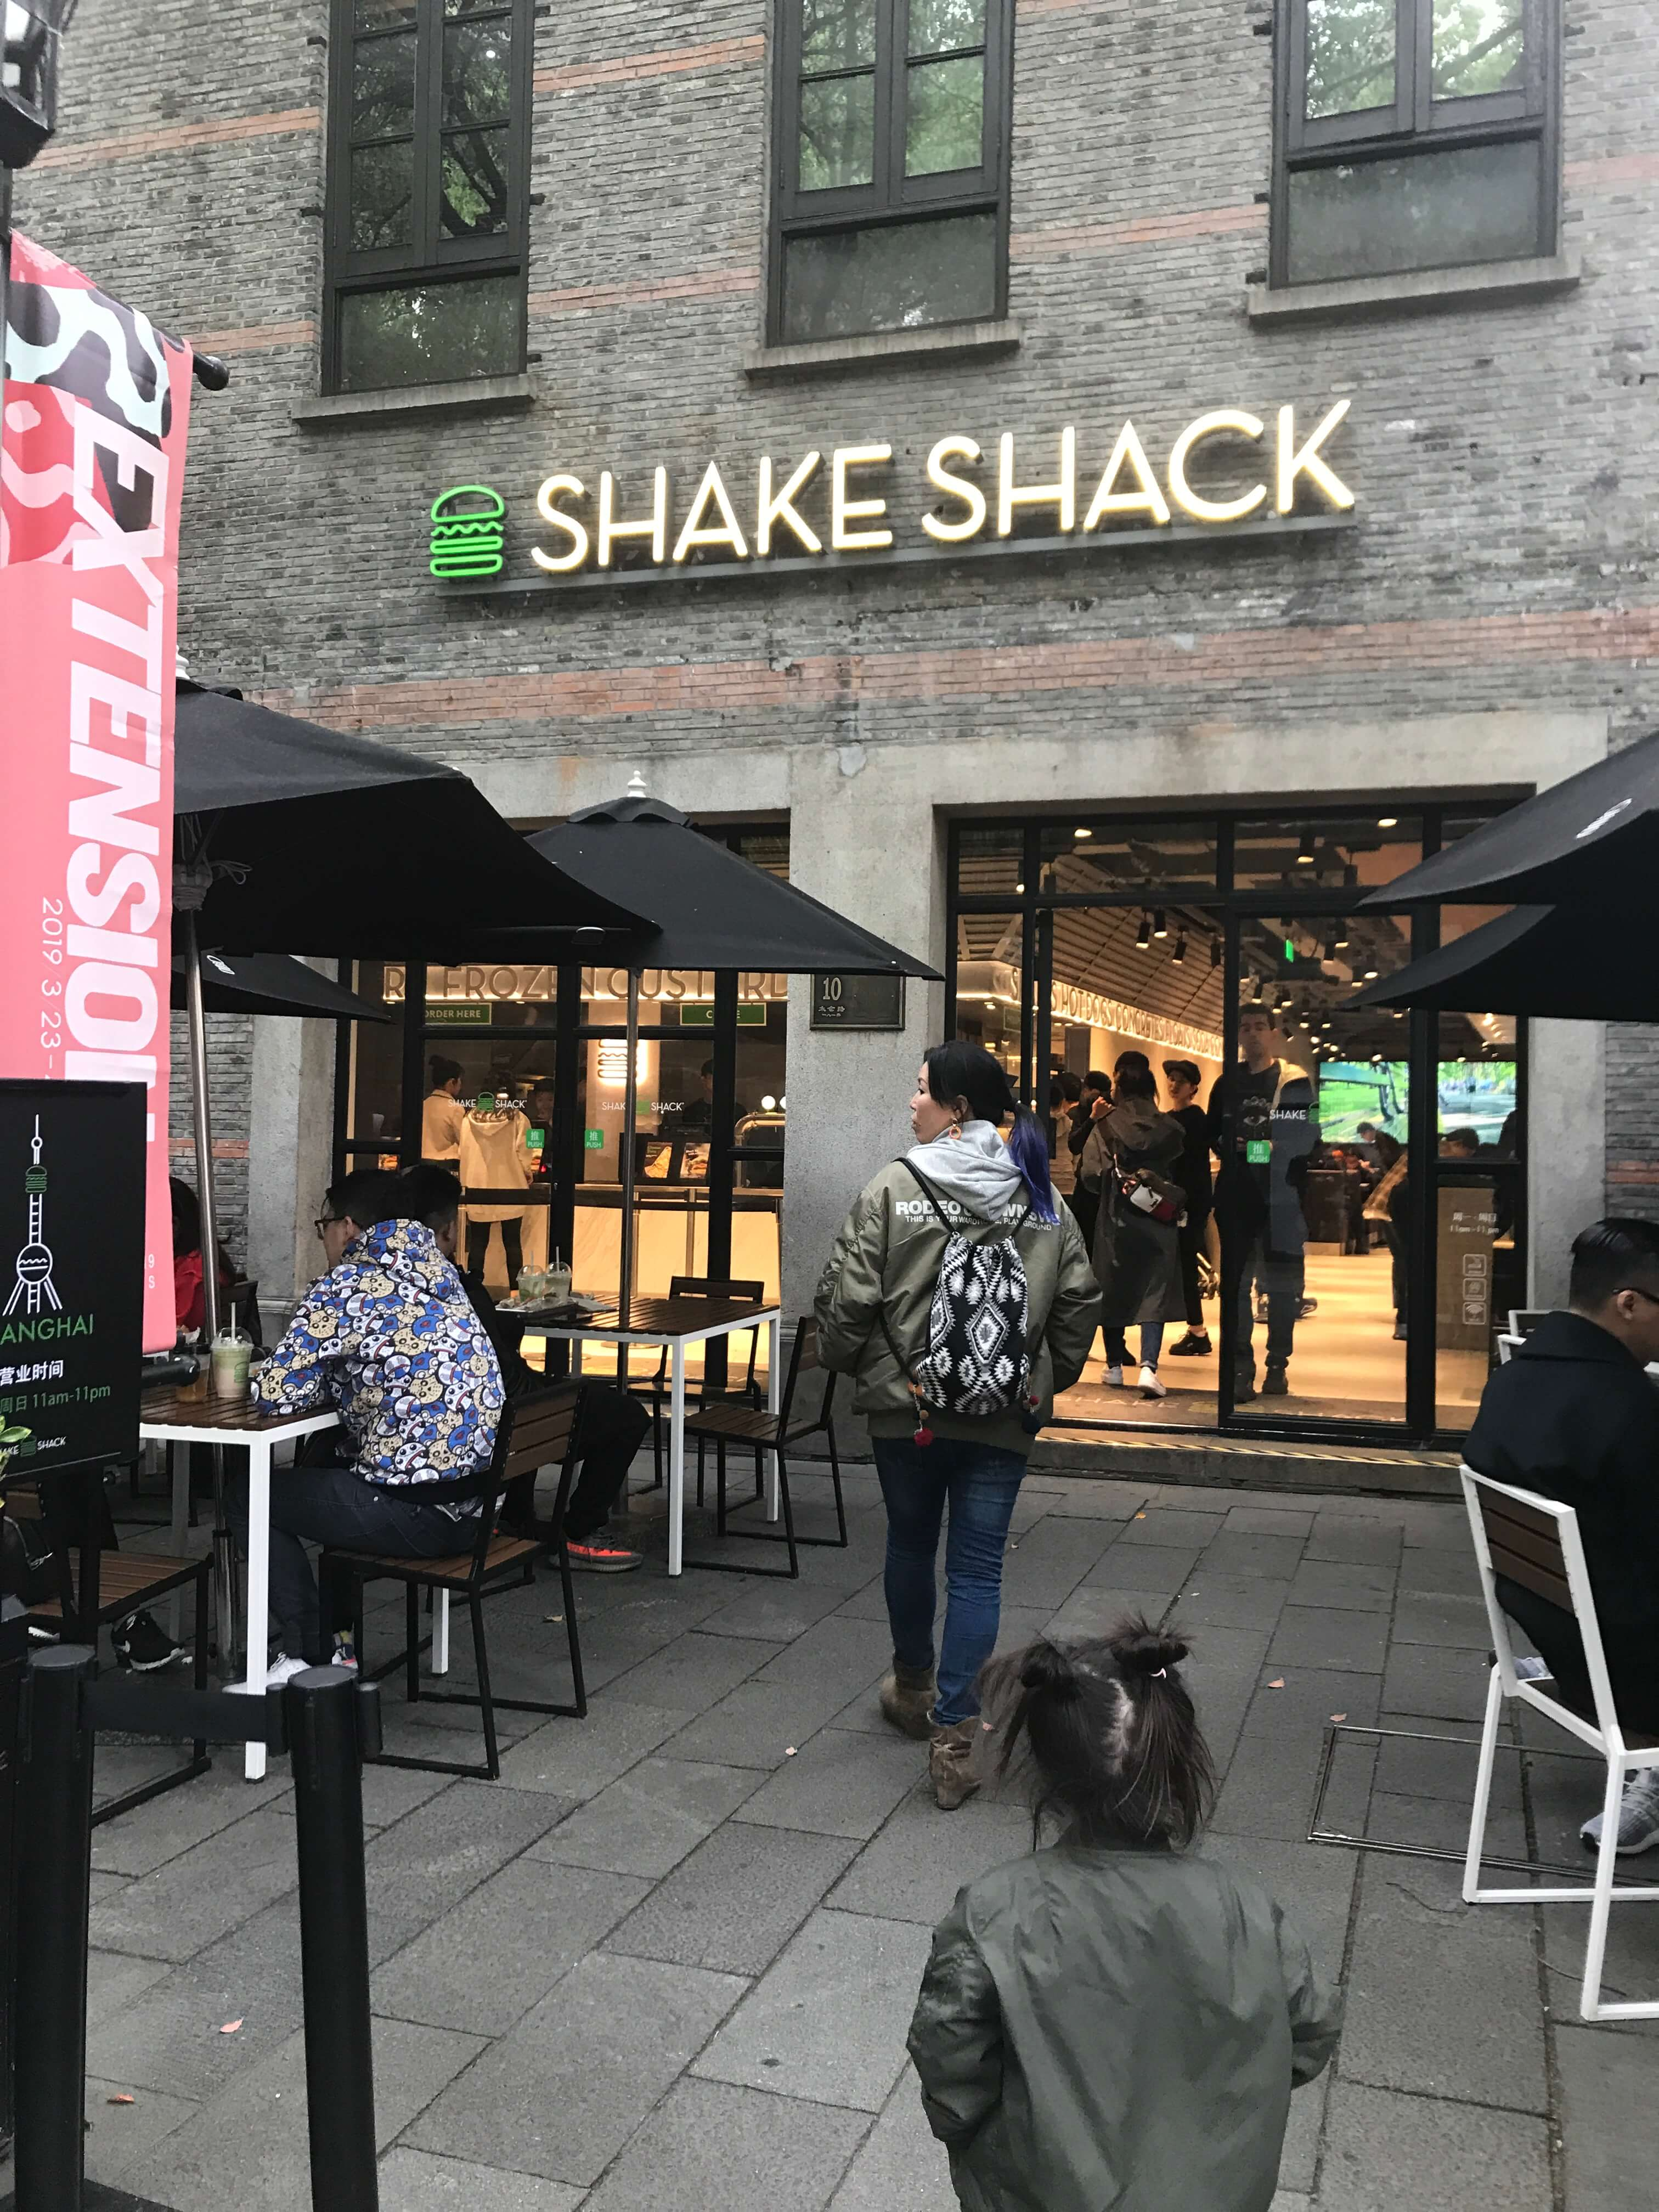 上海のShakeShack(シェイク・シャック)行ってきたよ!